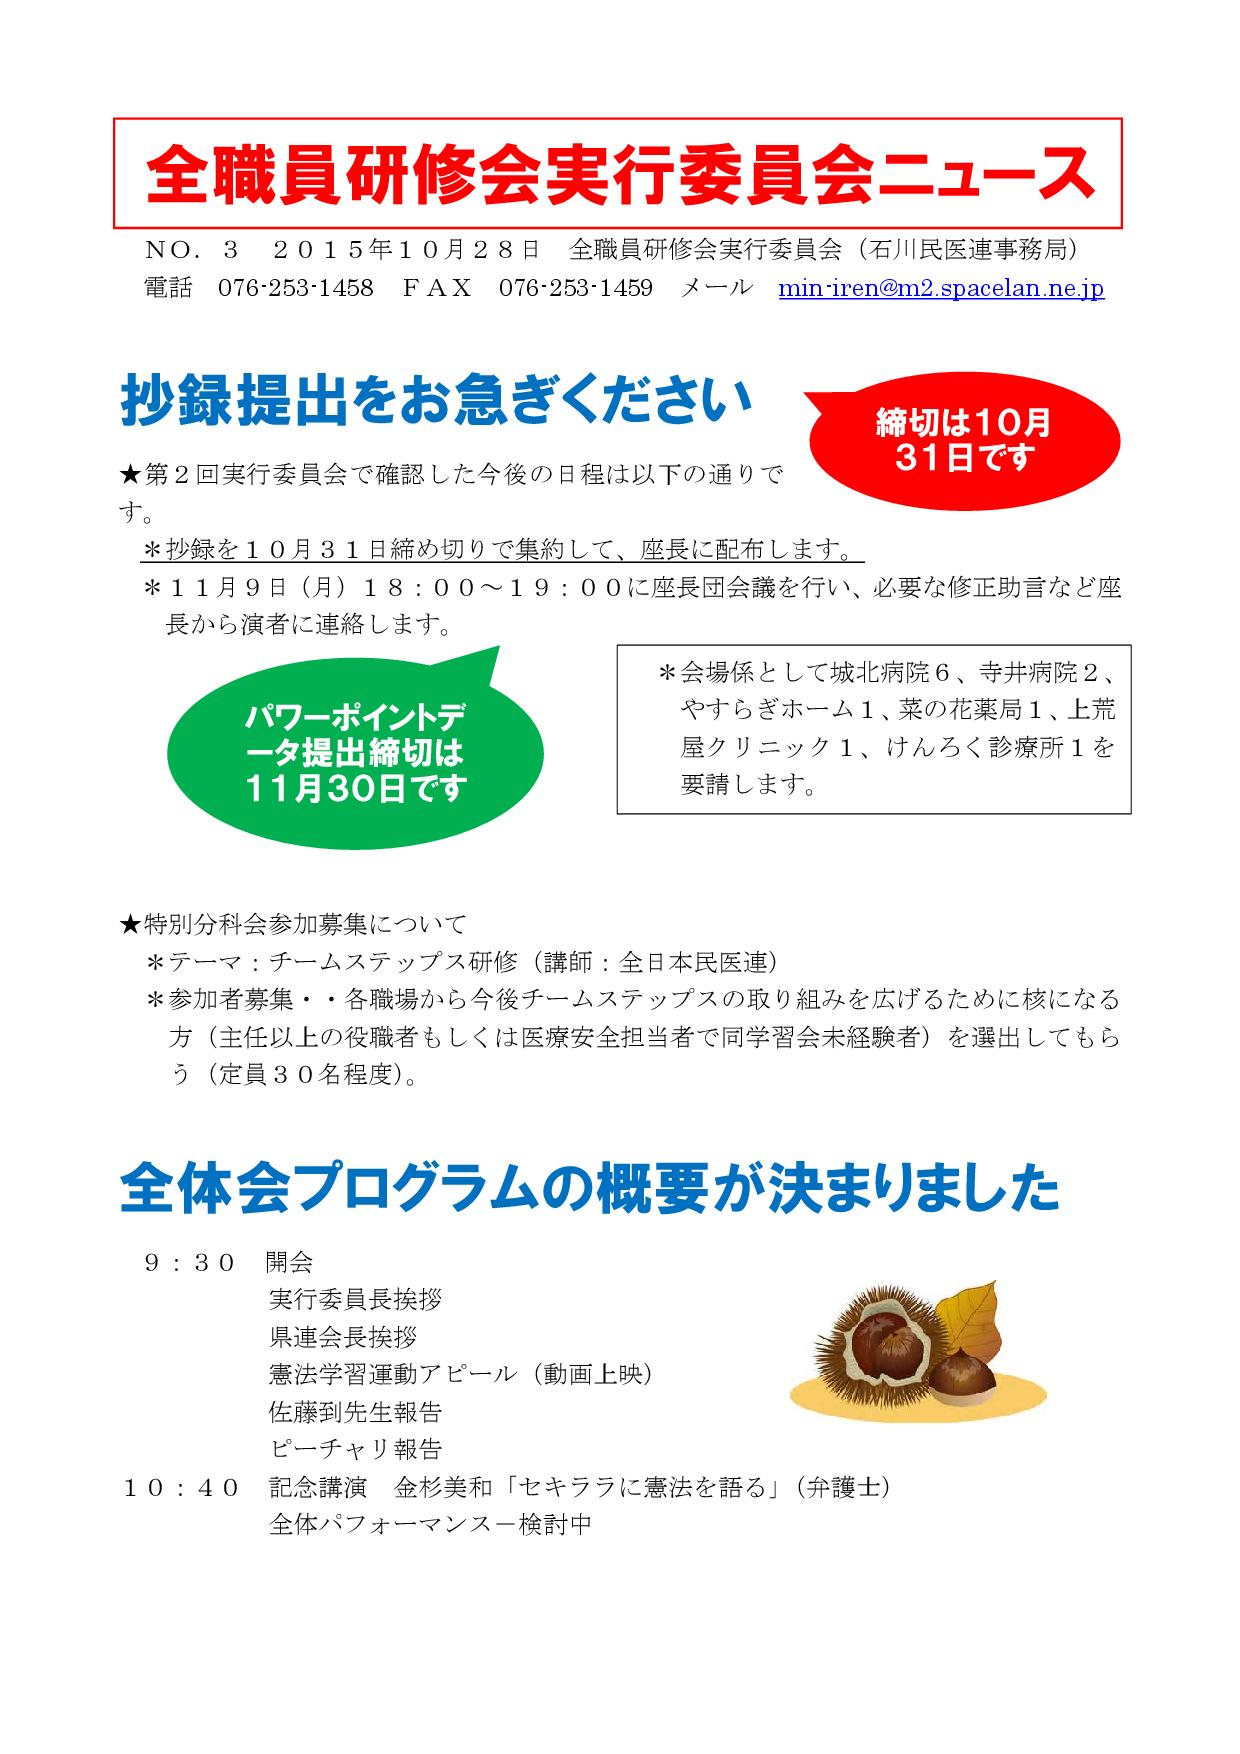 全職員研修会実行委員会ニュース3